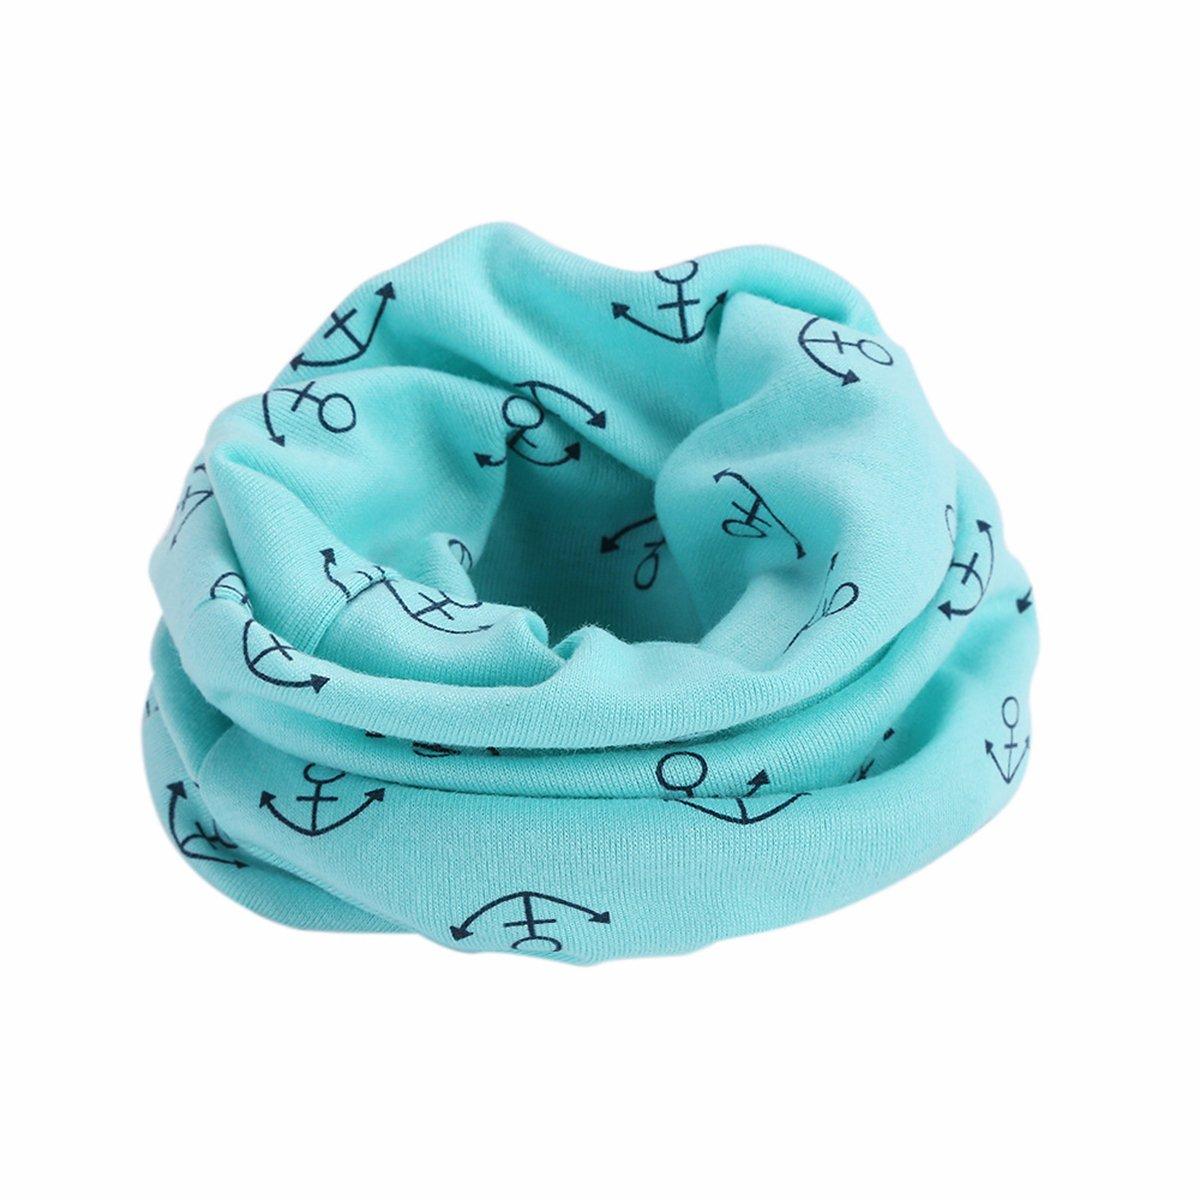 Butterme Winter Baby Girls Boys Cotton Neckerchief Warm Cute O Ring Neck Scarves Shawl Neck Warmer(Navy#2) ZUMUii ZUMU00005647